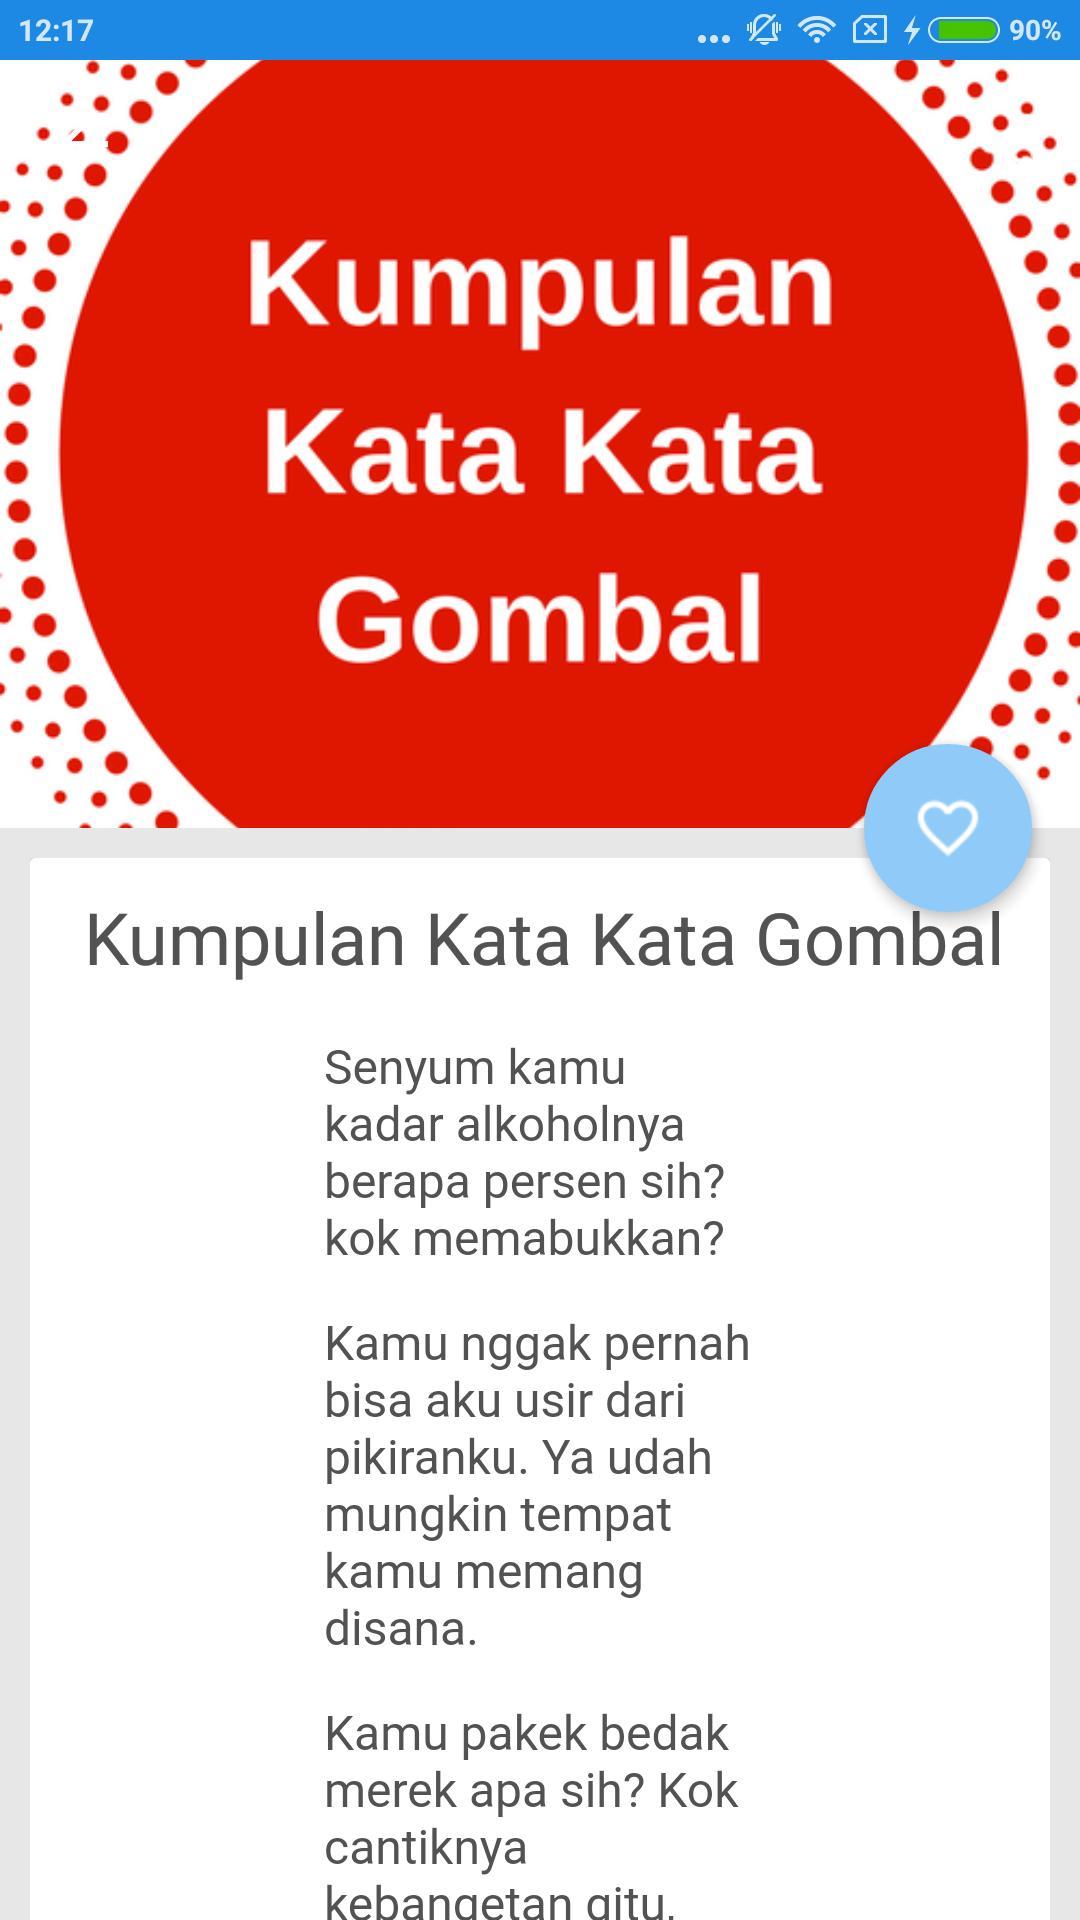 Kata Kata Gombal Rayuan For Android Apk Download